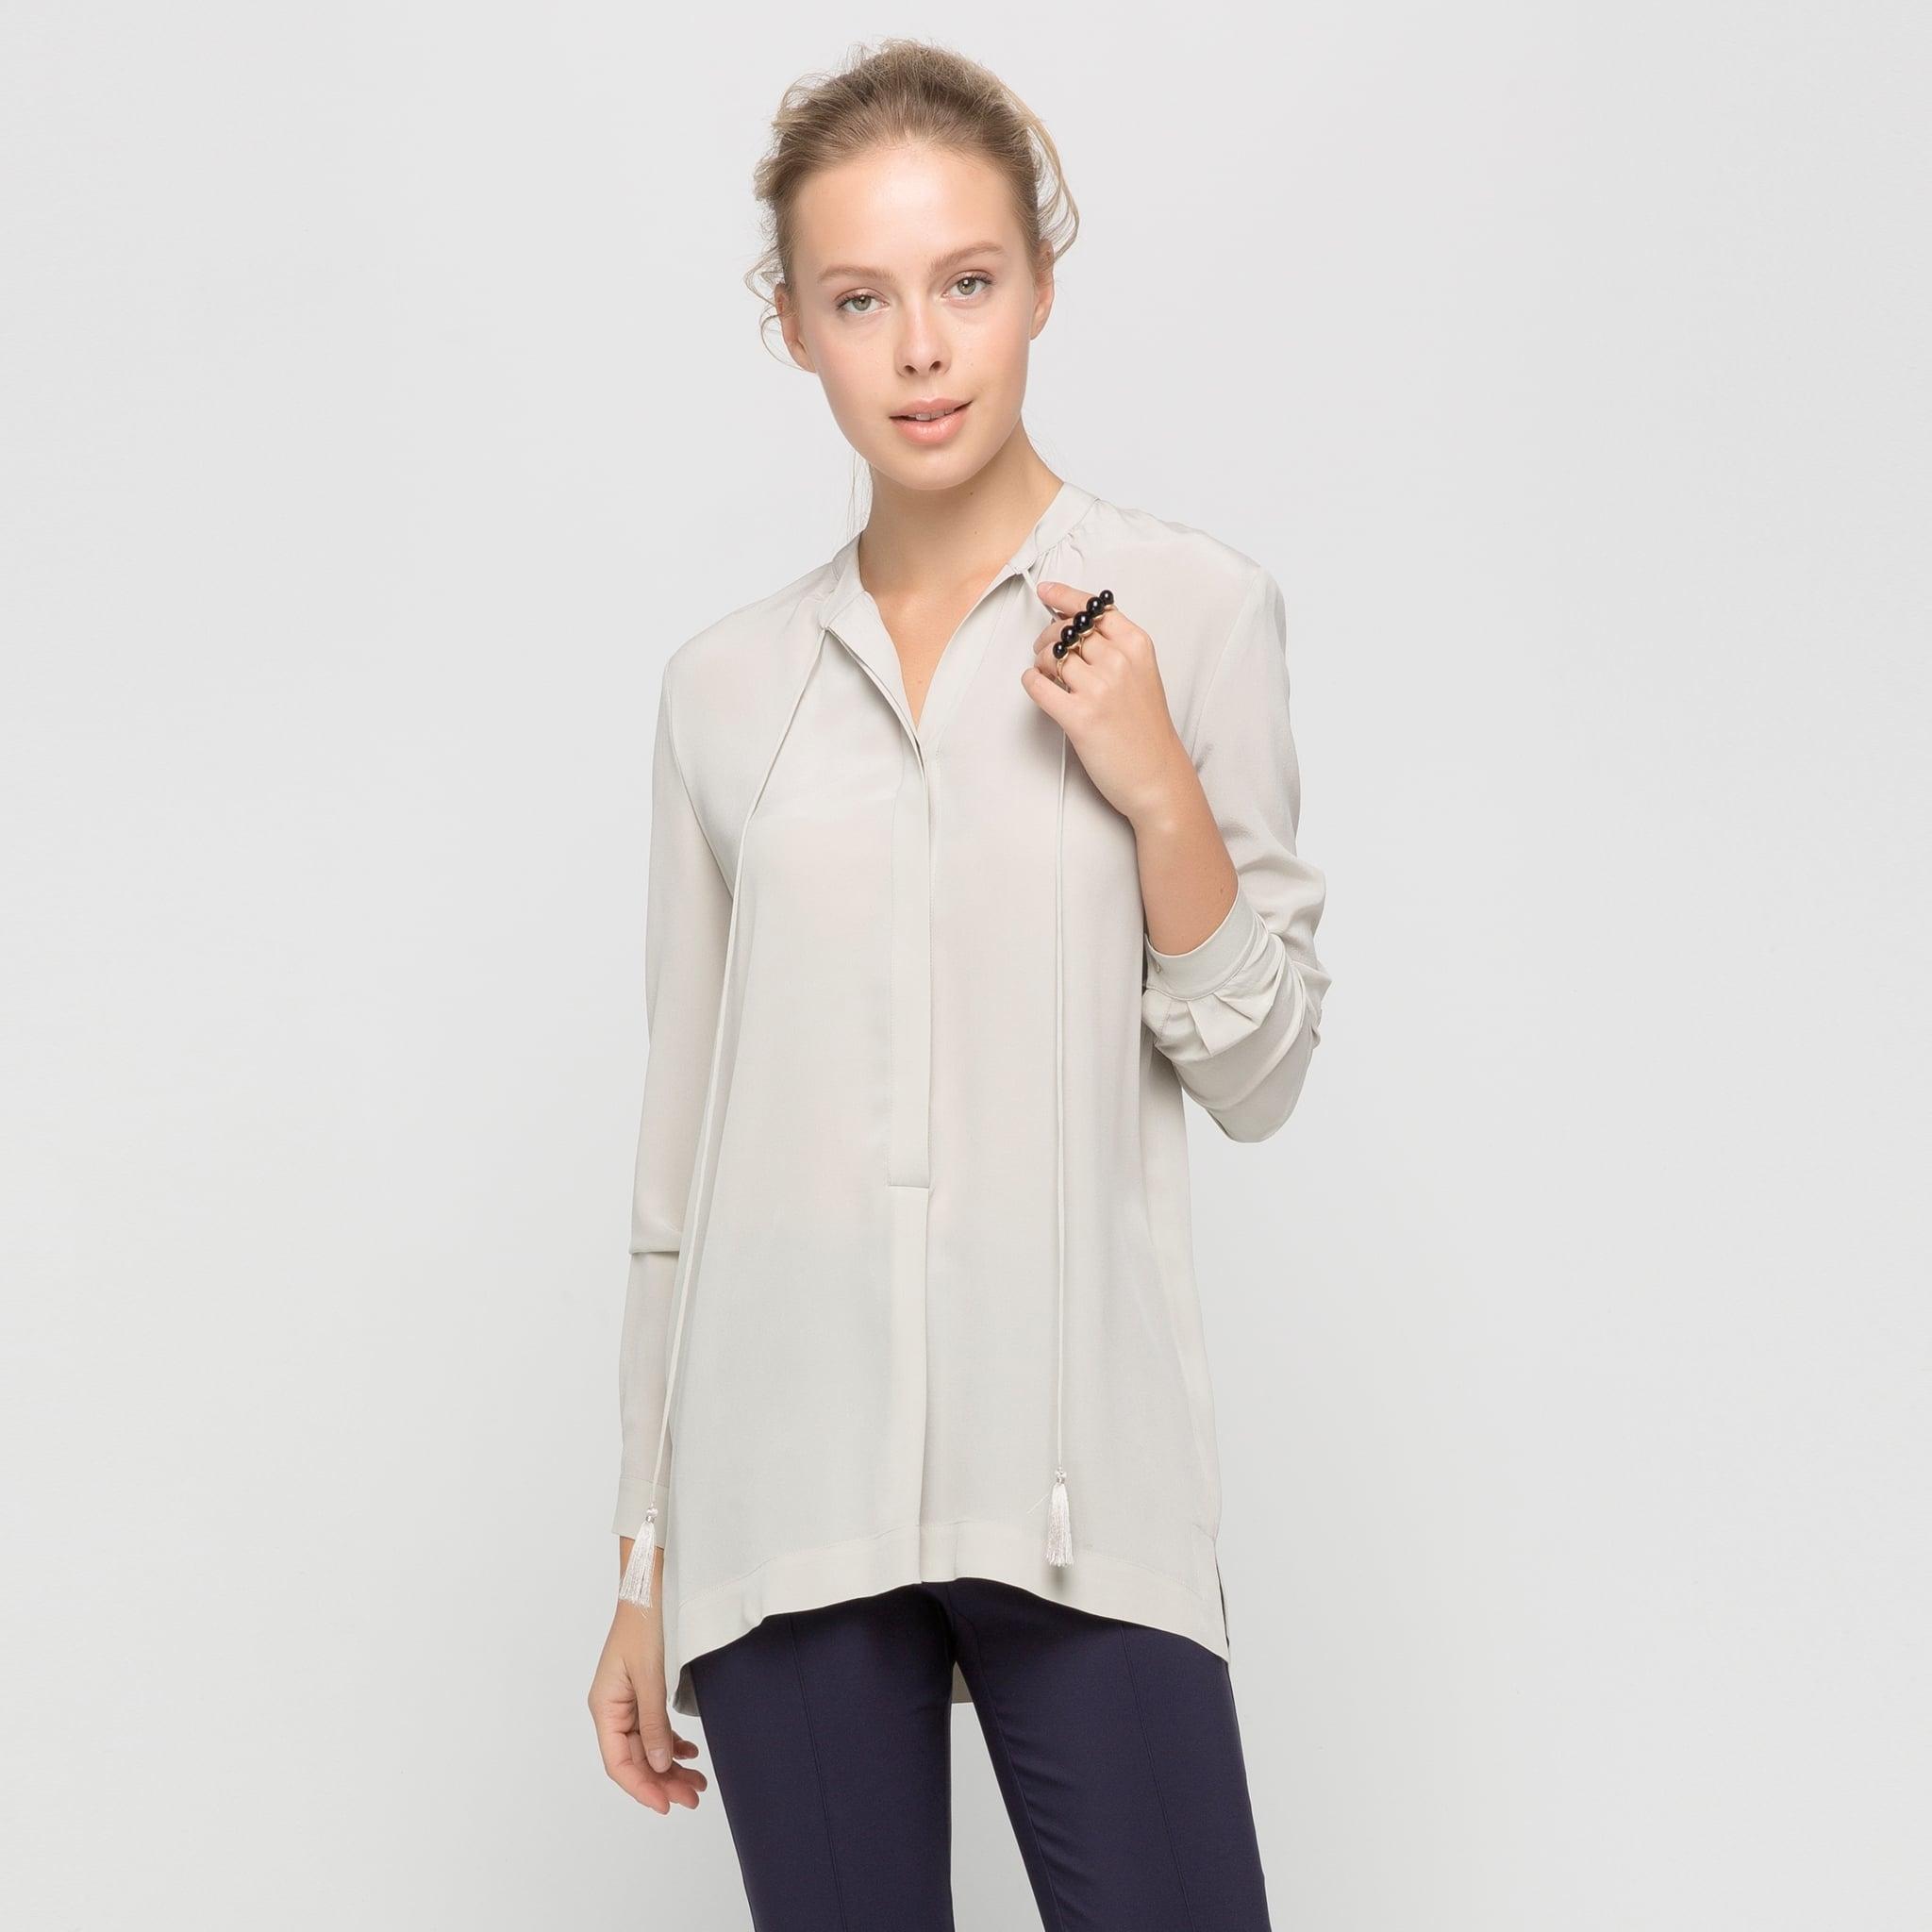 püskül detaylı bluz modeli